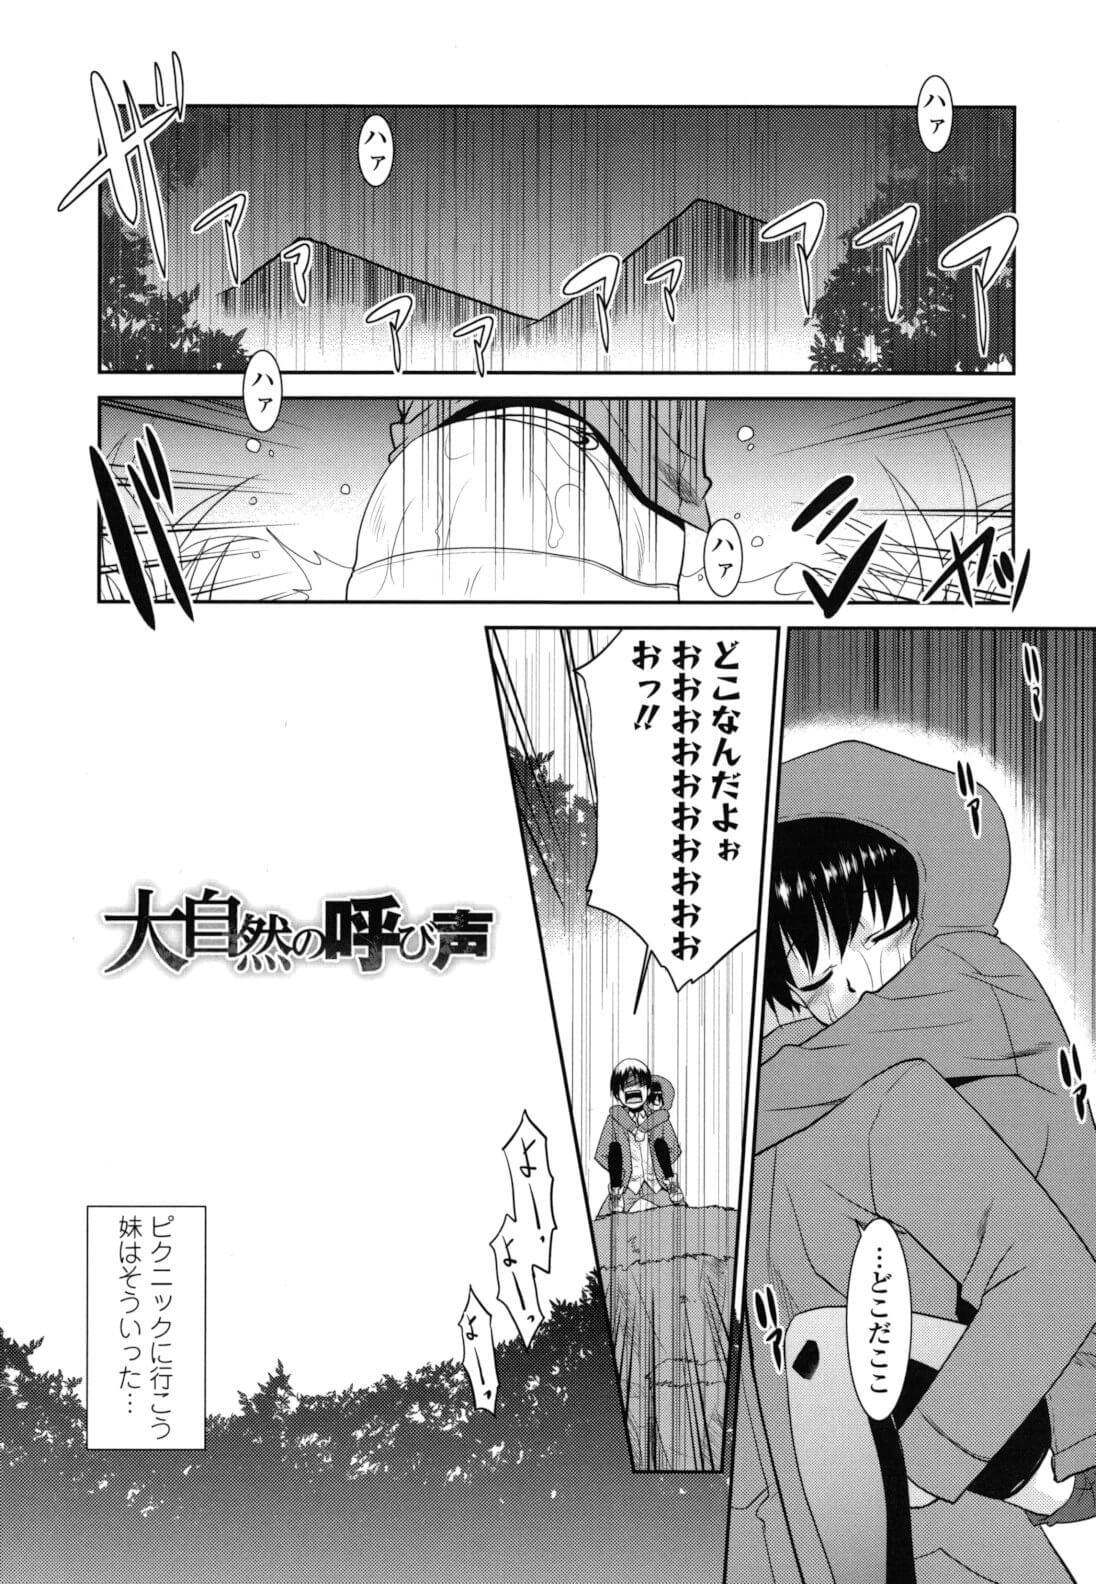 【エロ漫画】就活で不採用ばかりの兄は、彼を励まそうと考えた妹に誘われ登山へ行くが二人は遭難してしまい……。【無料 エロ同人】